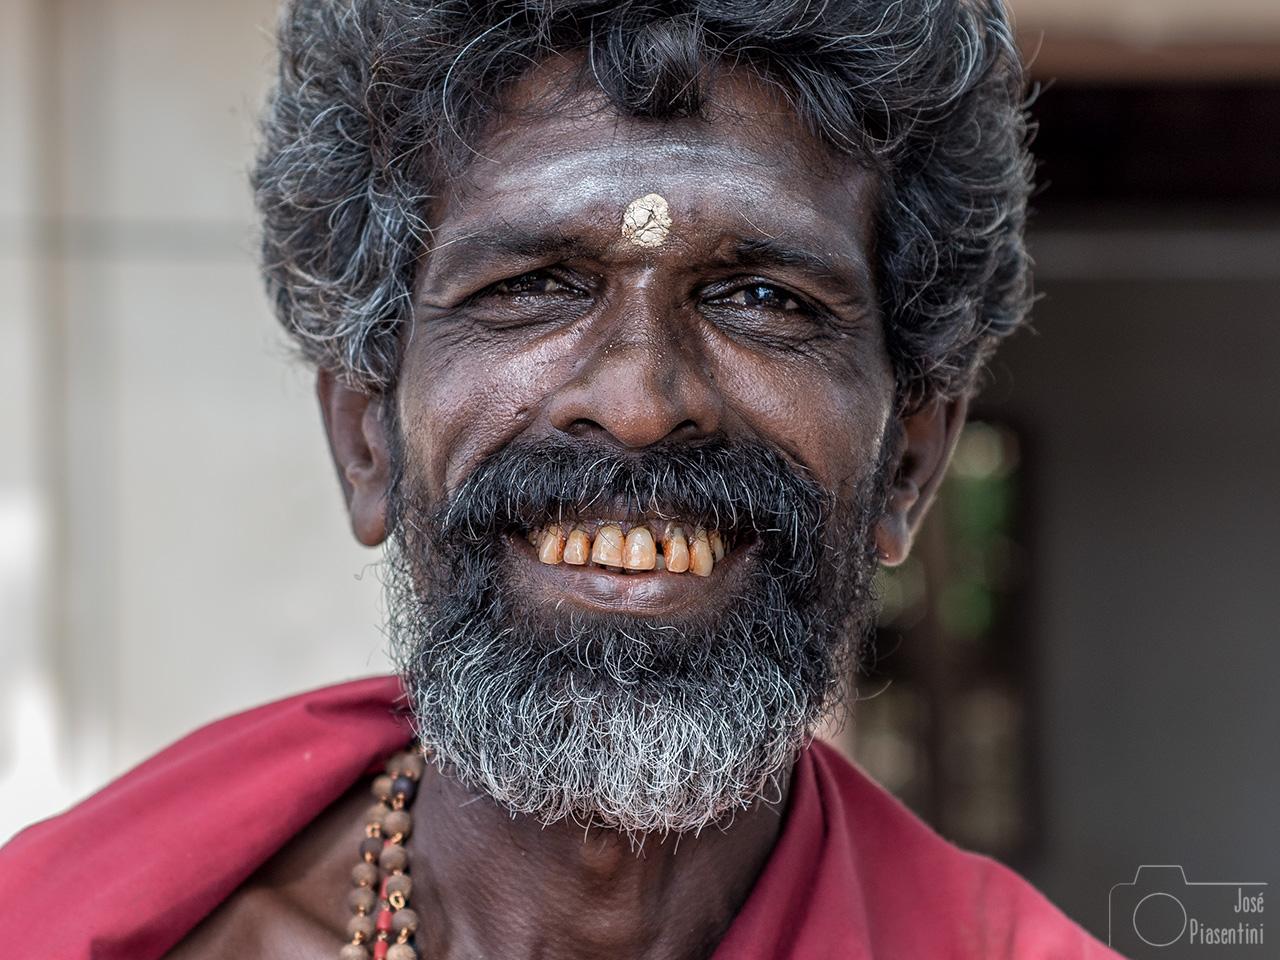 Trincomale - People of Sri Lanka